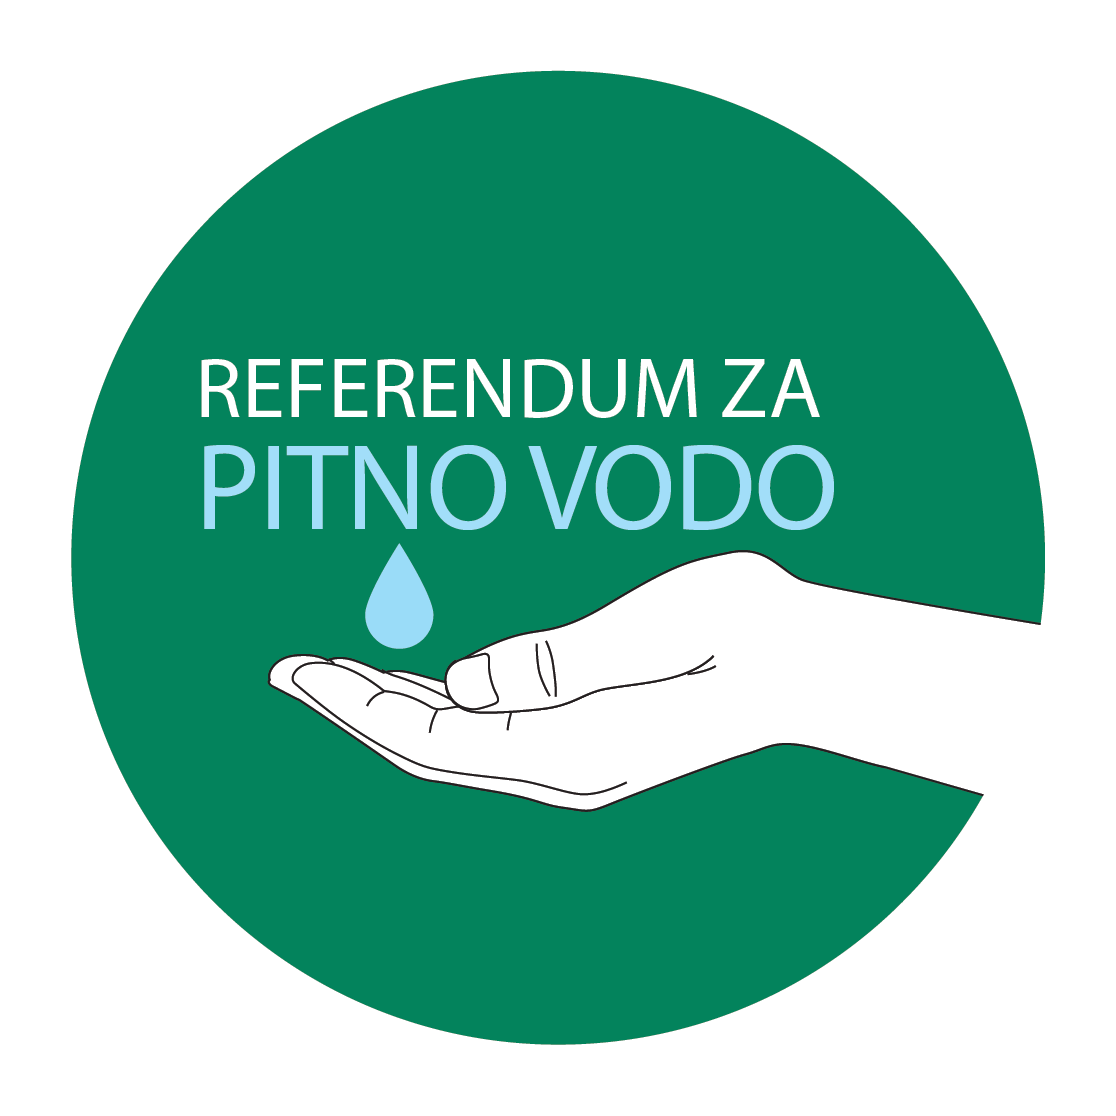 Referendum za pitno vodo logo